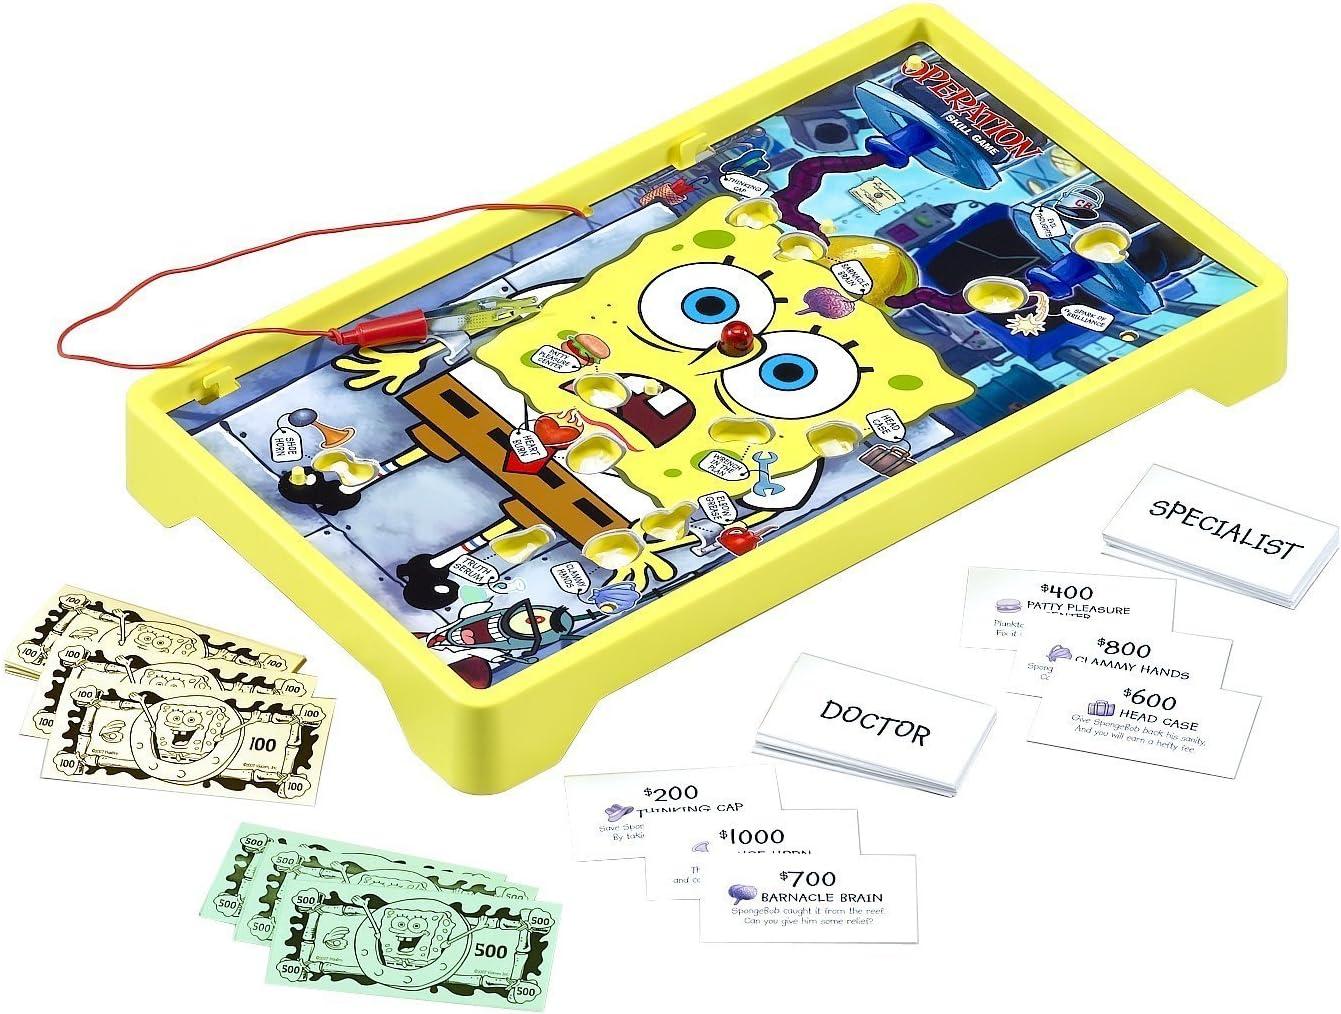 Bob lEponge Spongebob Squarepants Operation Game - Jeu de plateau: Amazon.es: Juguetes y juegos